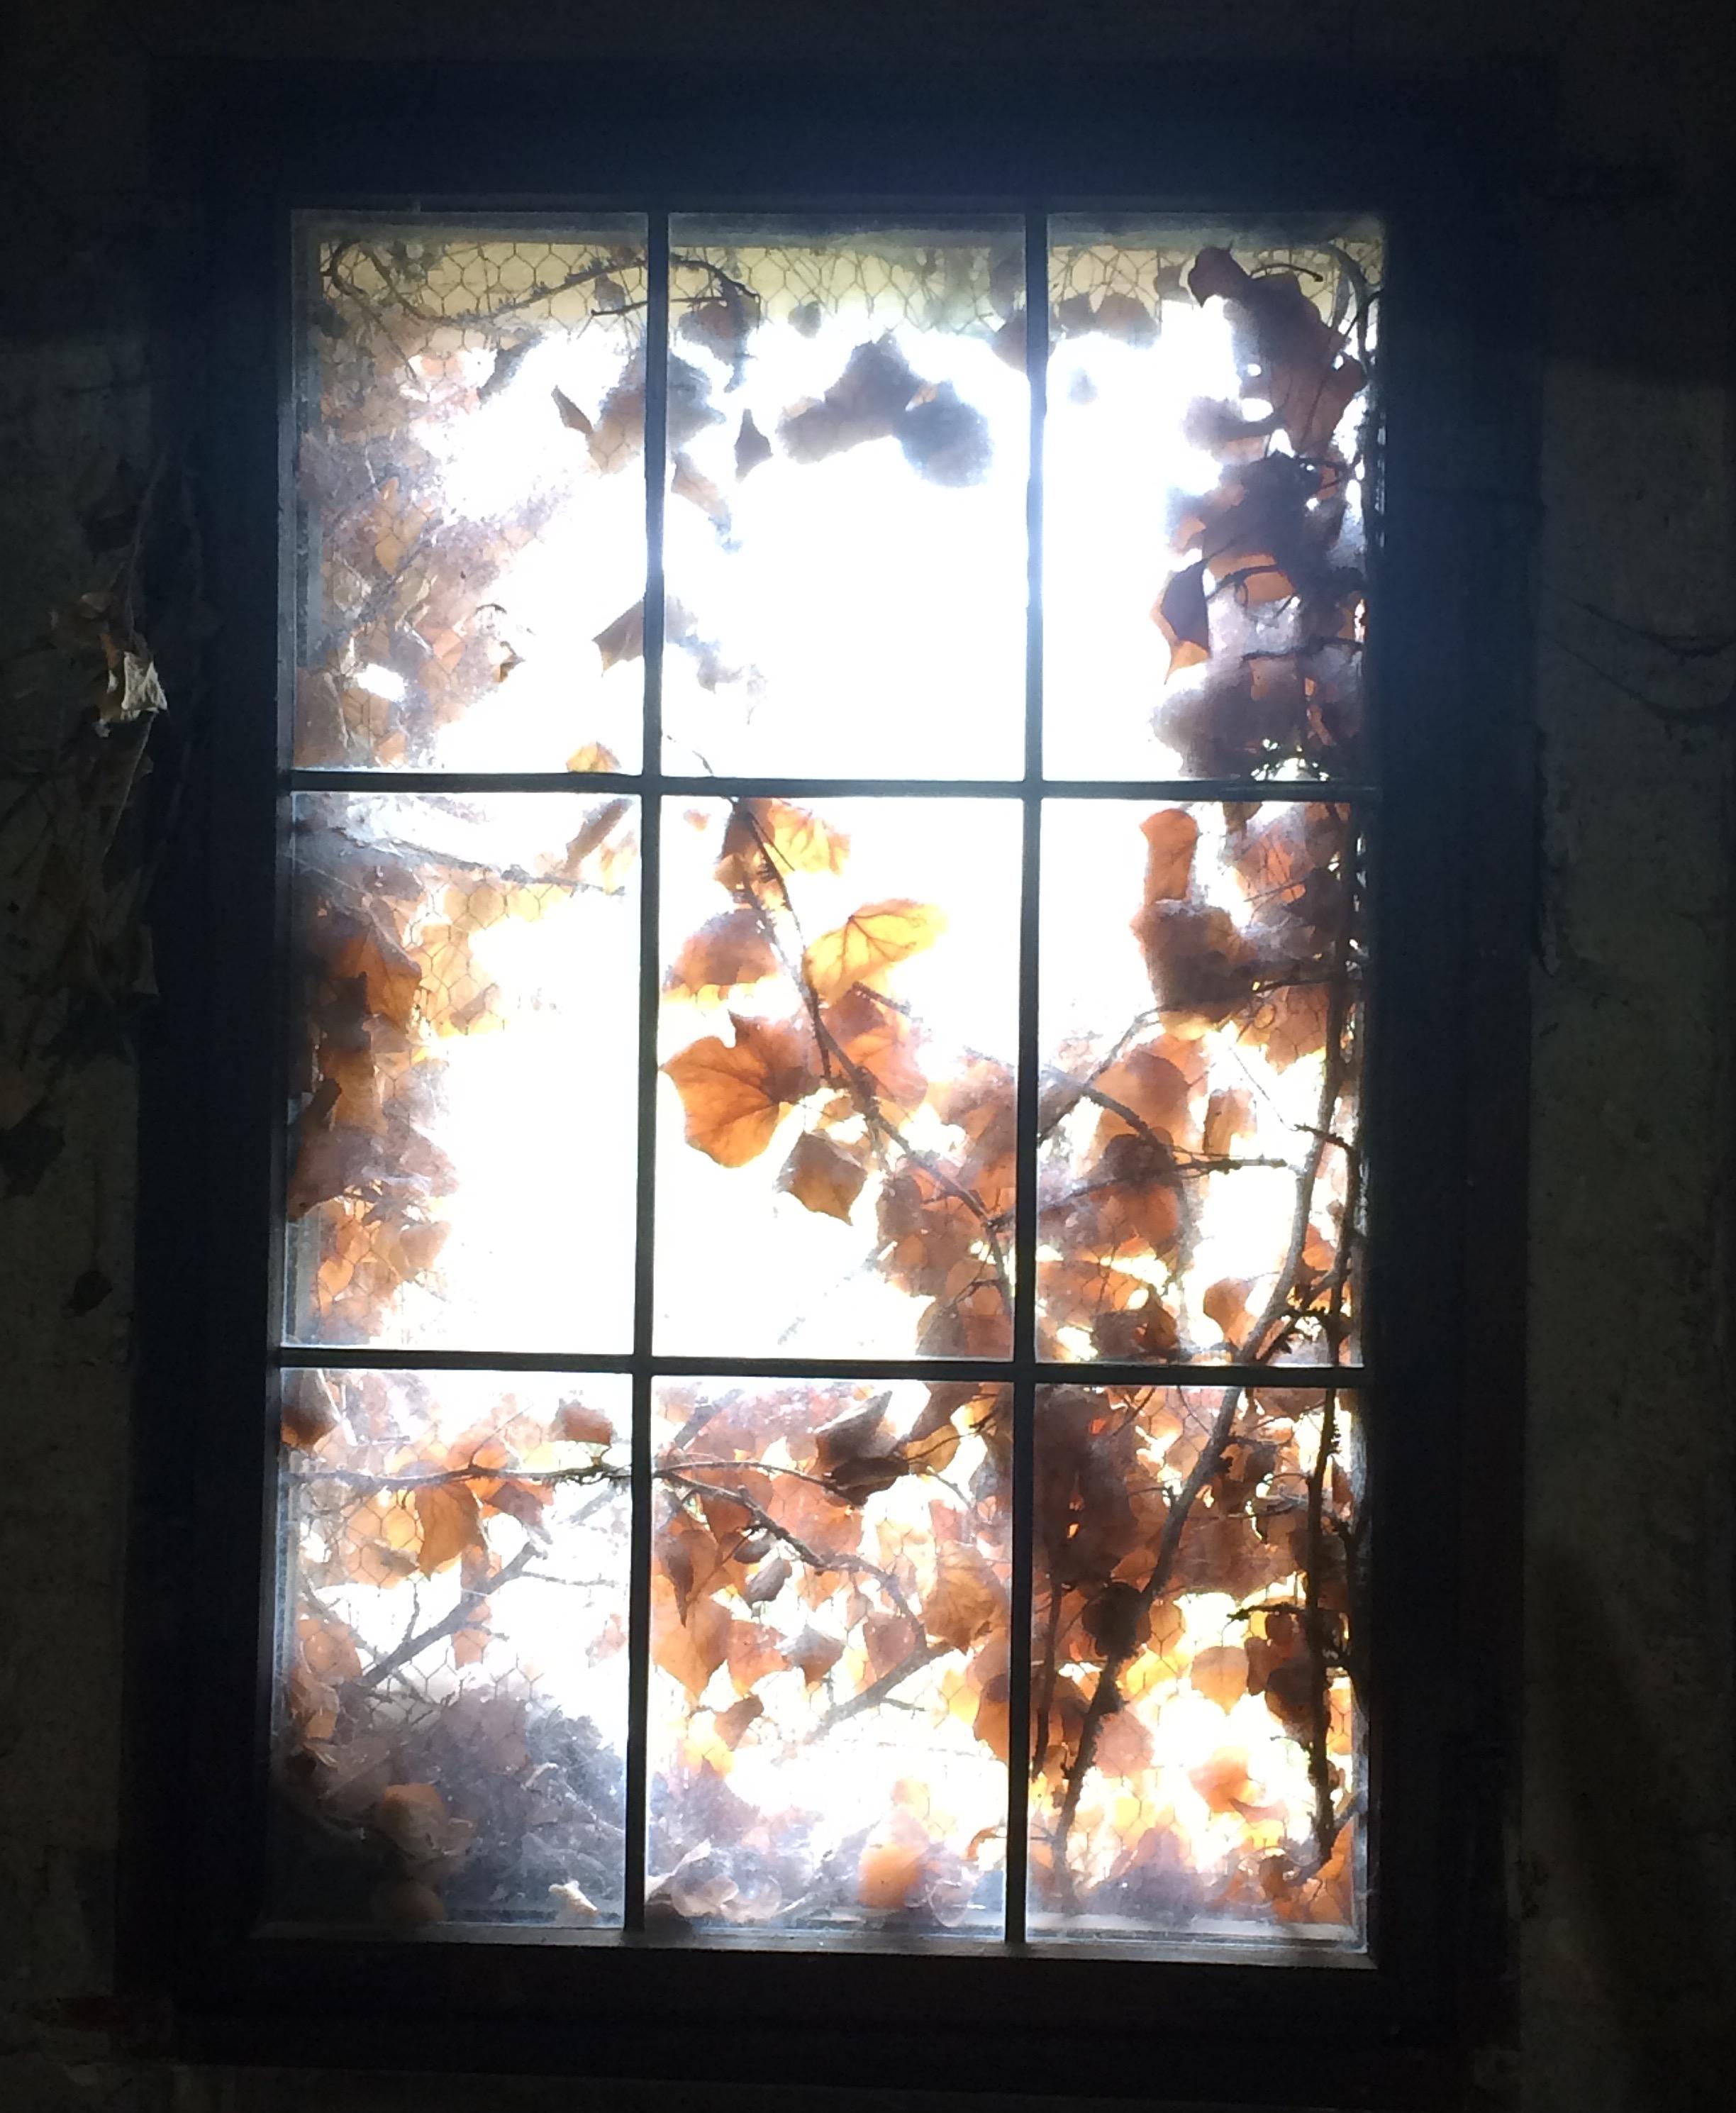 Inside a torture chamber, Prague, Czech Republic 2015